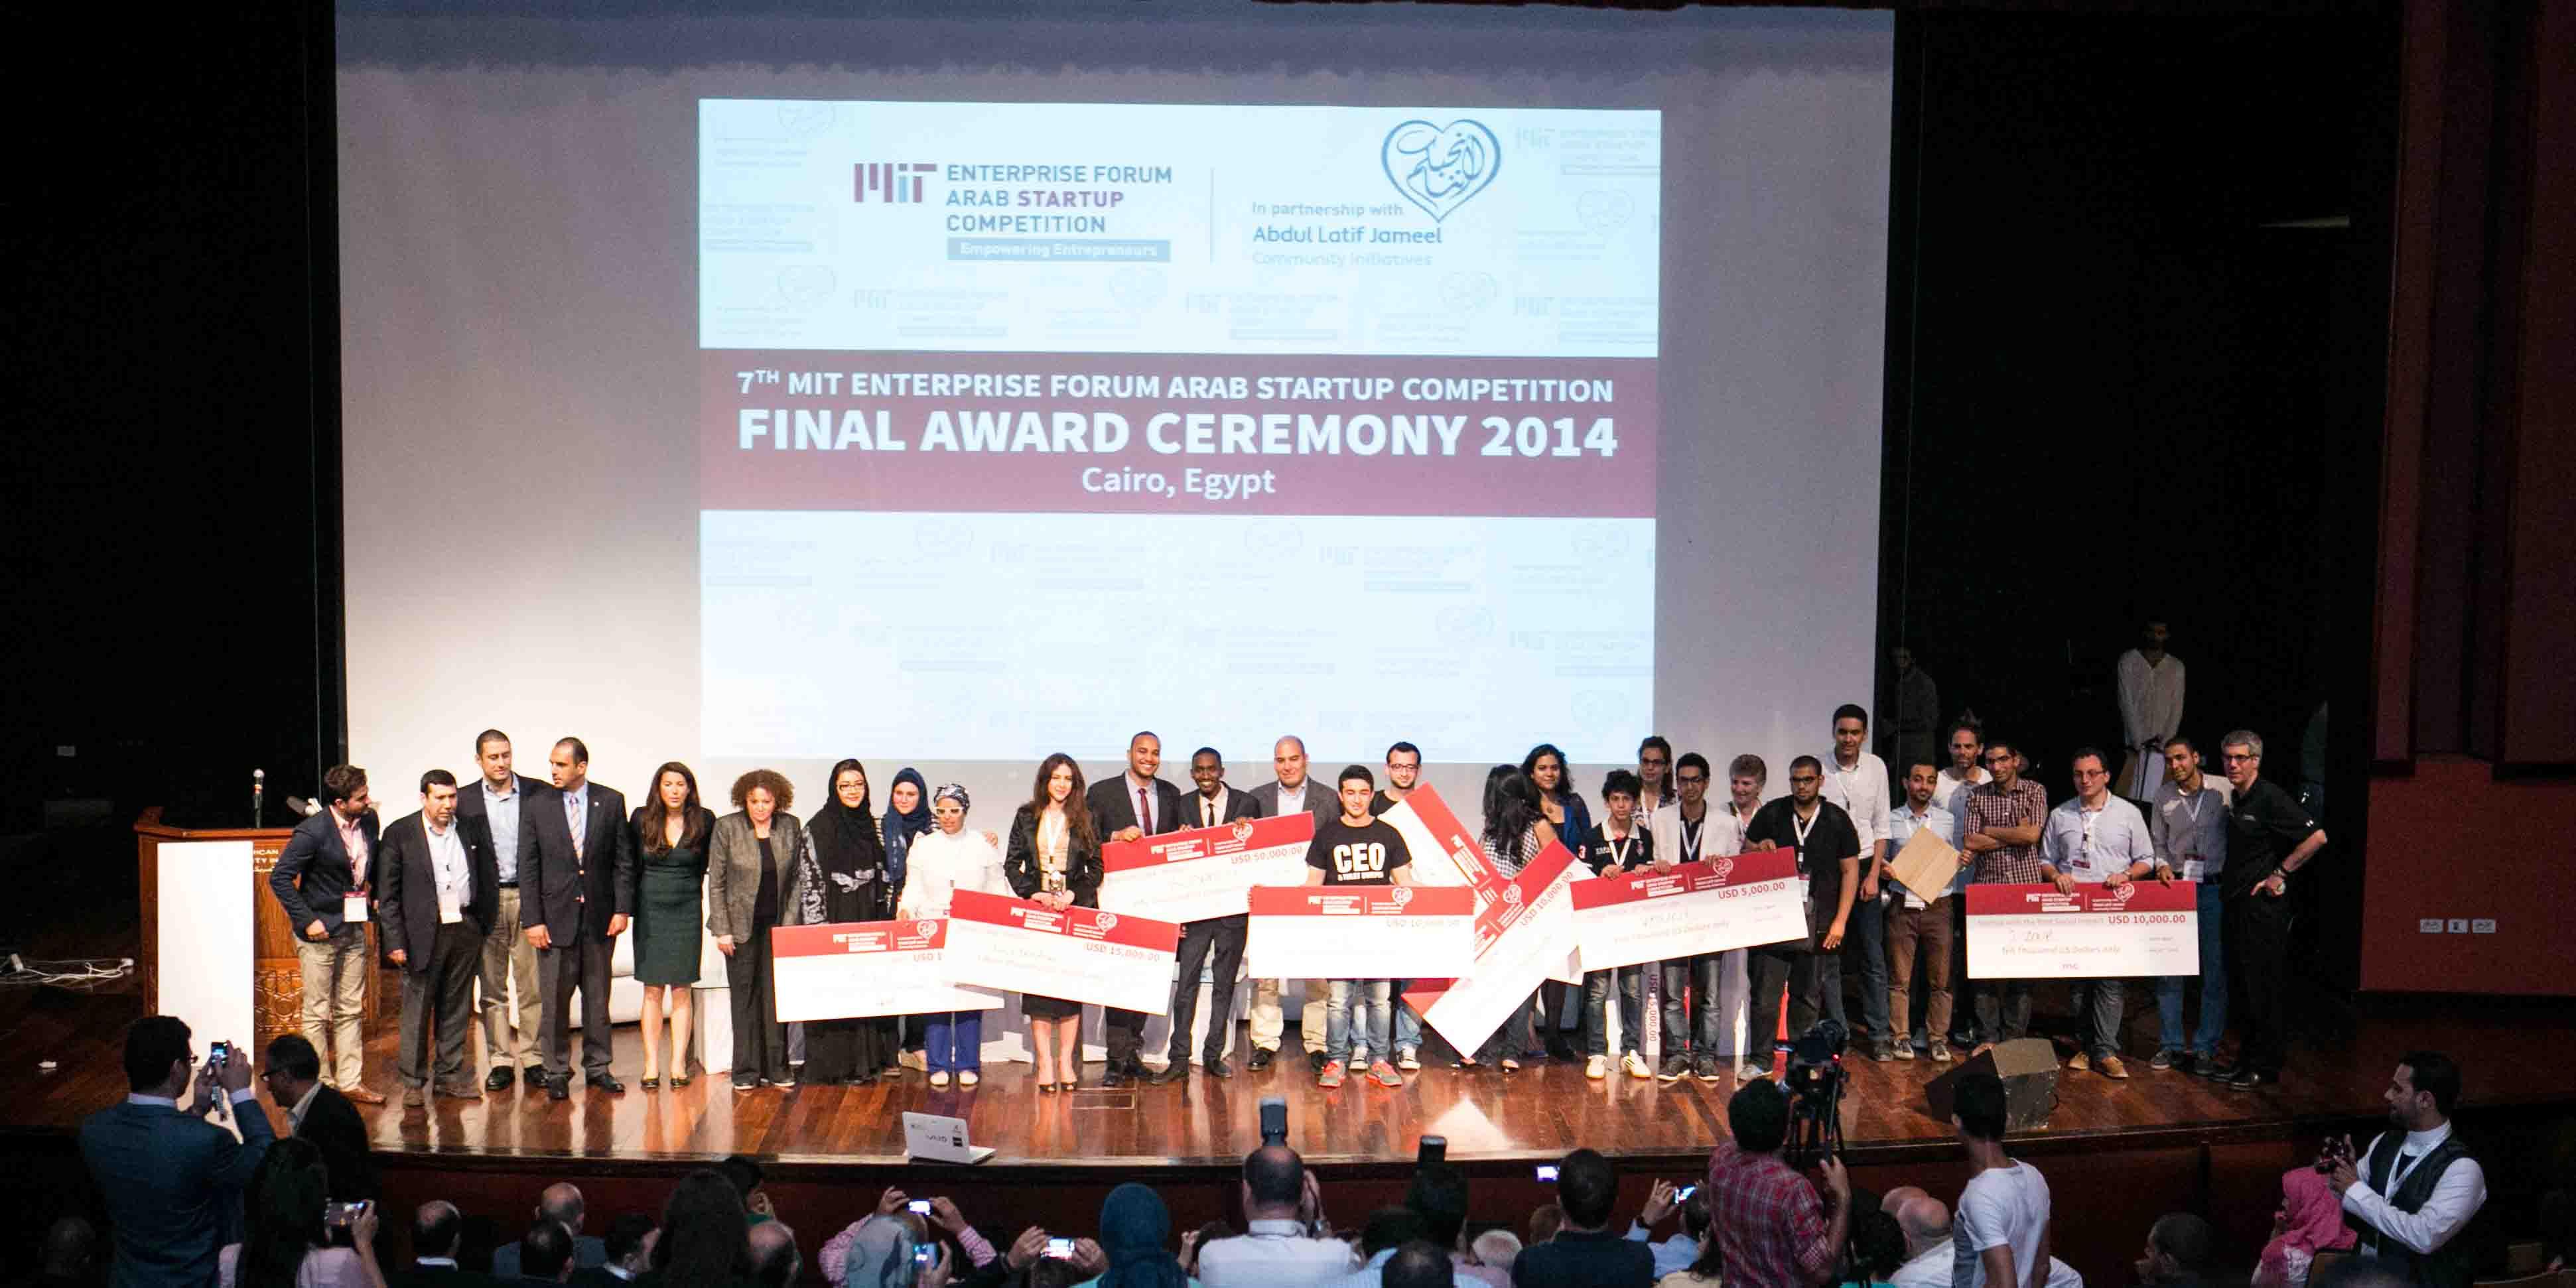 مسابقة منتدي MIT لريادة الأعمال في العالم العربي تفتح باب التقديم